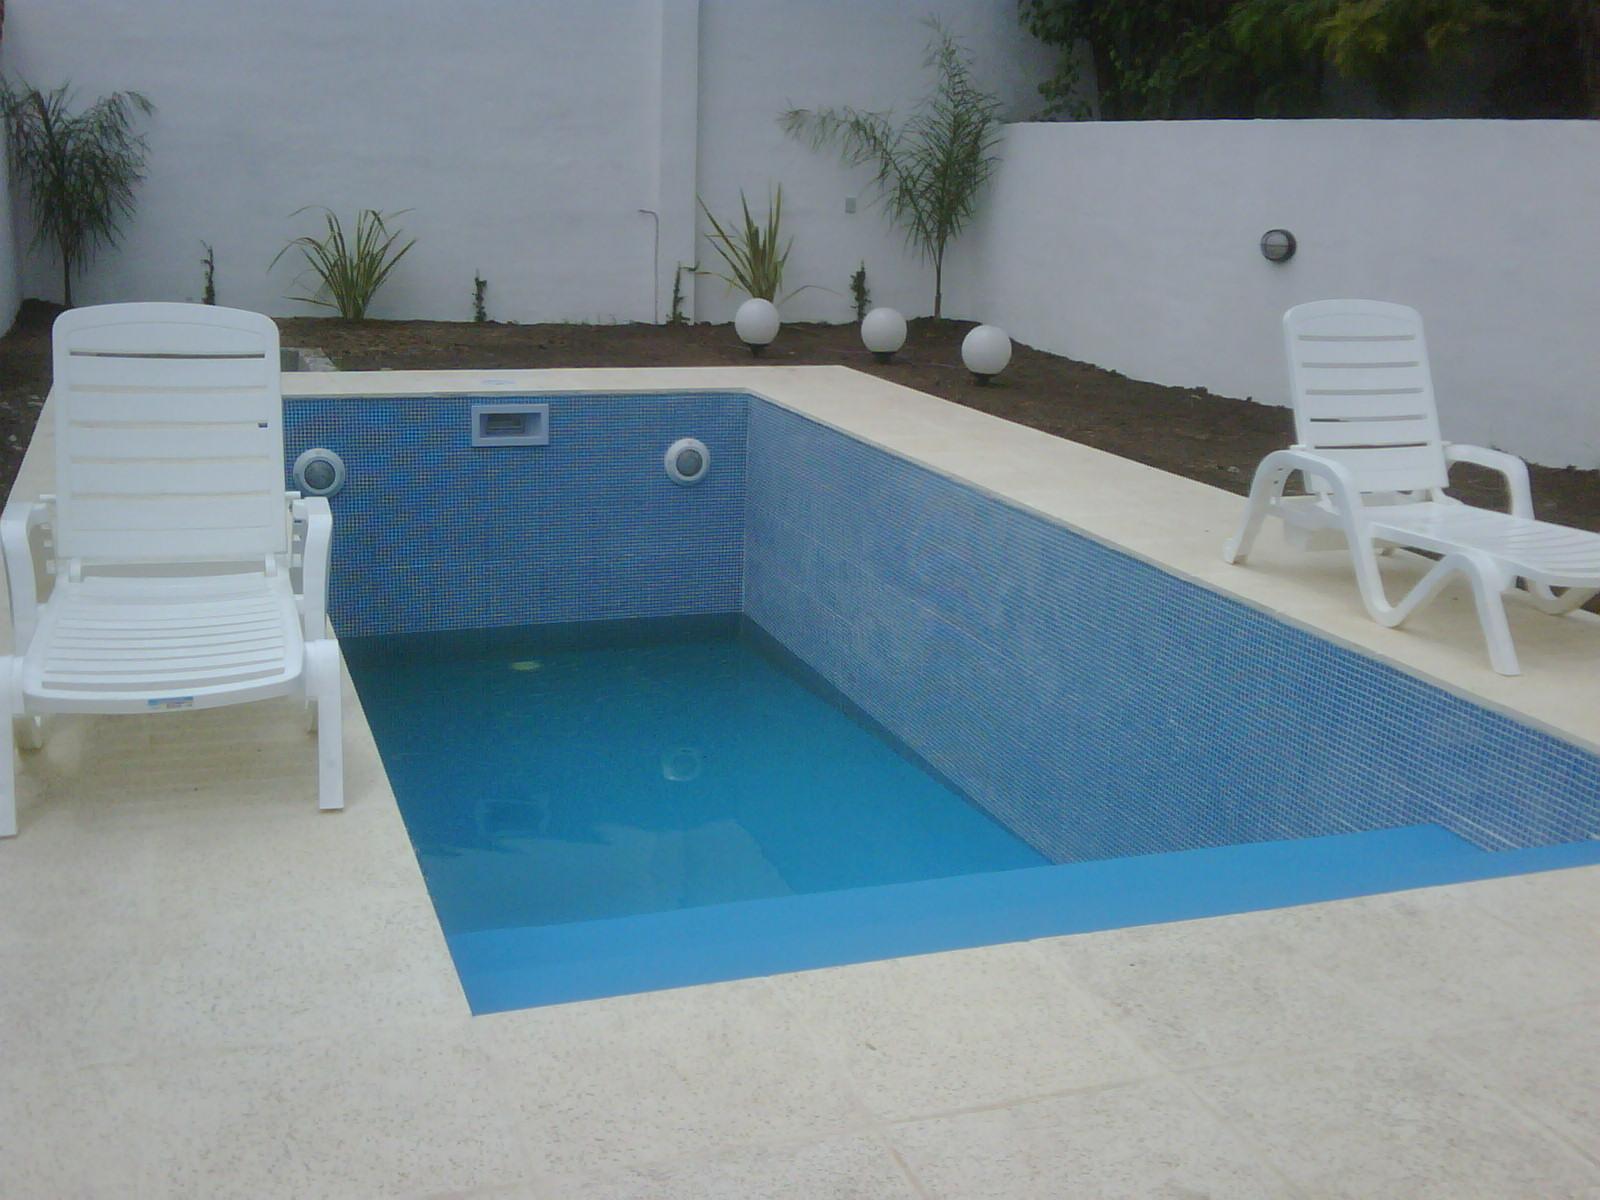 Piscinas express hormig n proyectado piscina rectangular for Hacemos piscinas